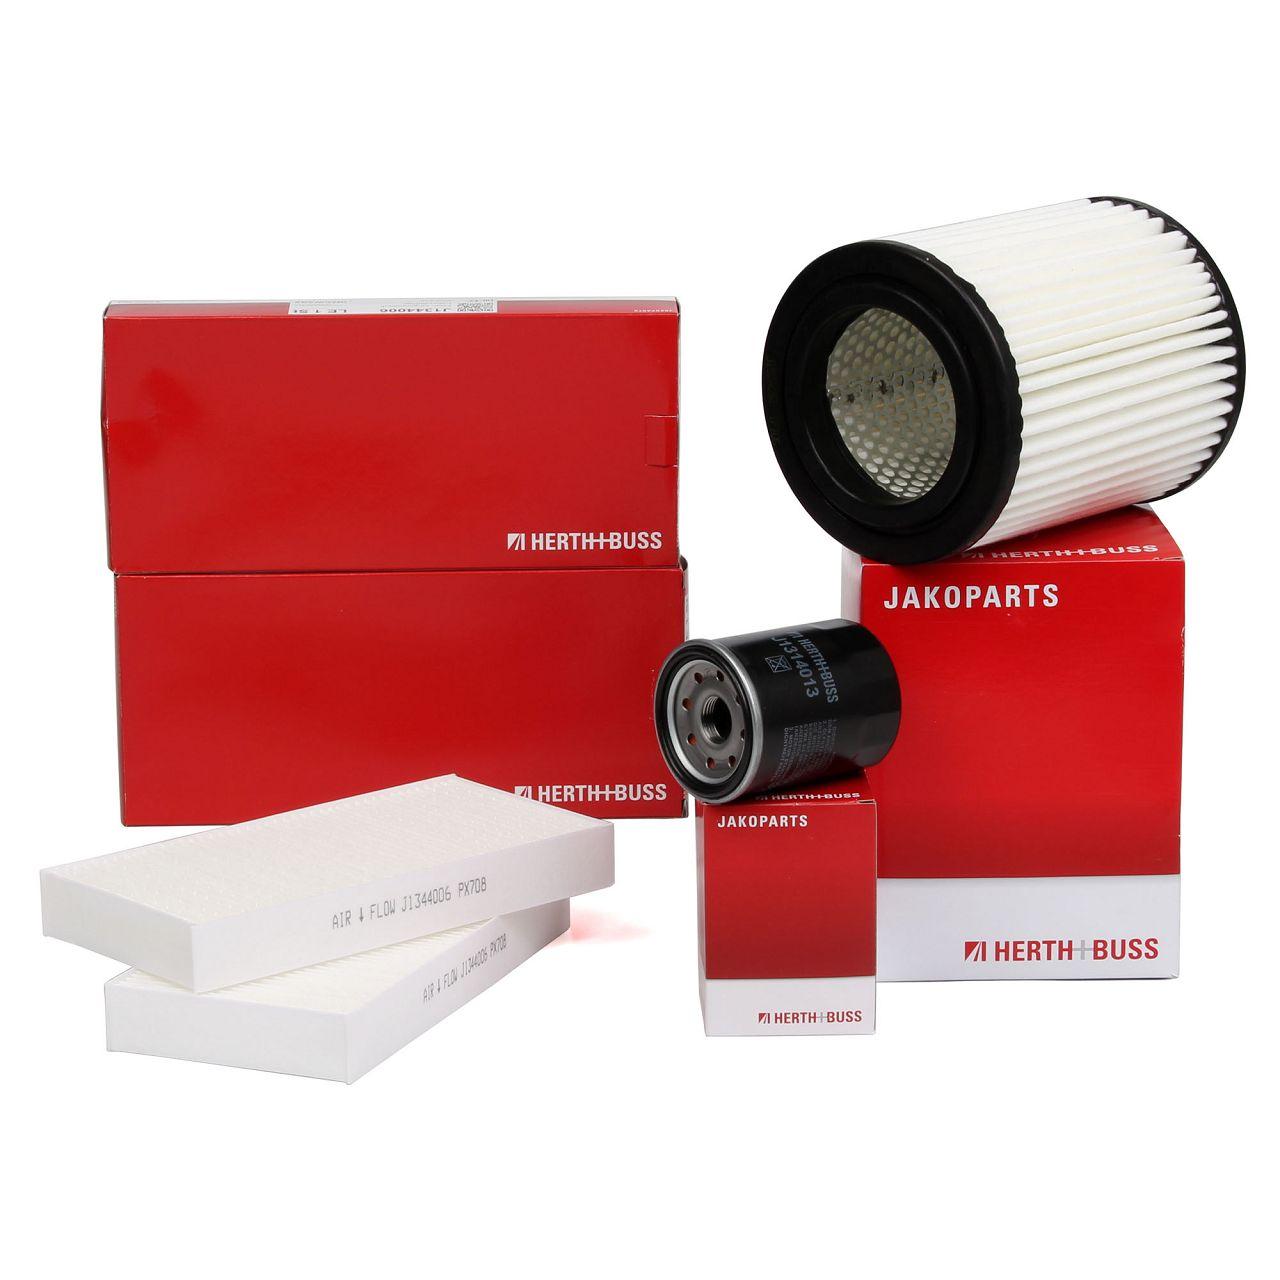 HERTH+BUSS Filterset für HONDA CIVIC VII 2.0 160/200 PS CR-V II FR-V 2.0 150 PS